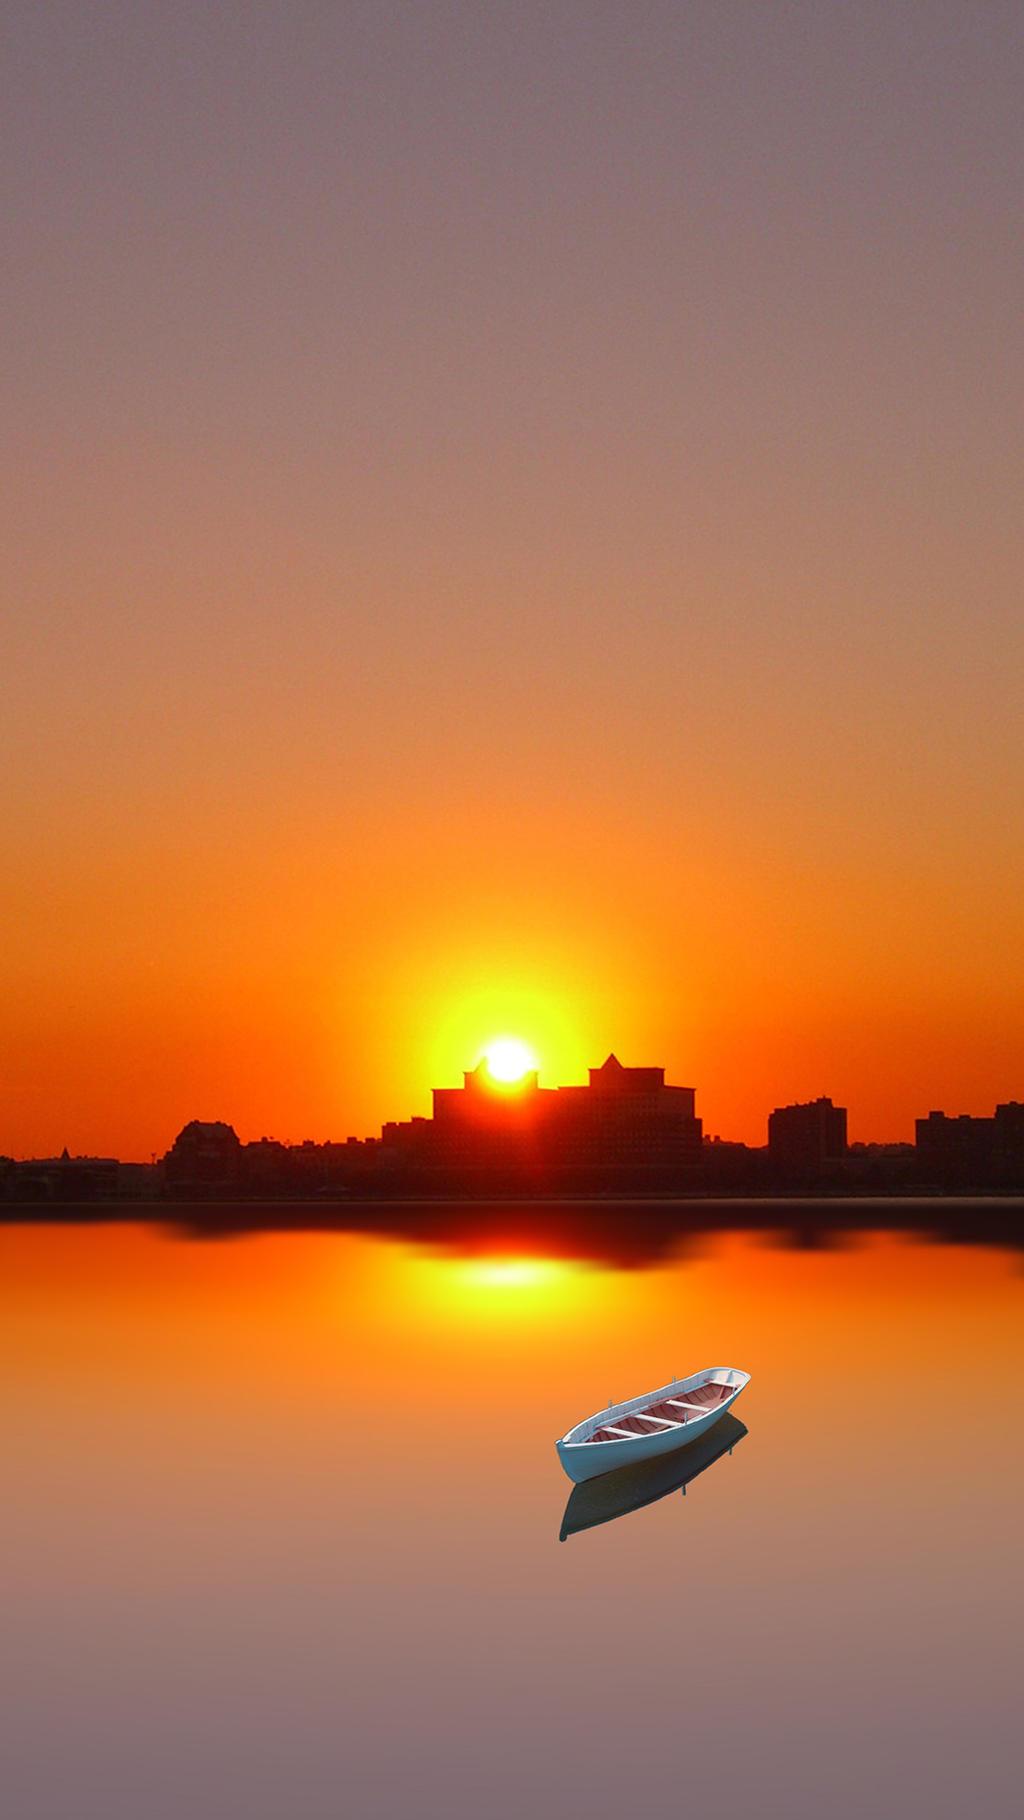 HD Sunset Wallpaper IPhone 6 By Mattiebonez